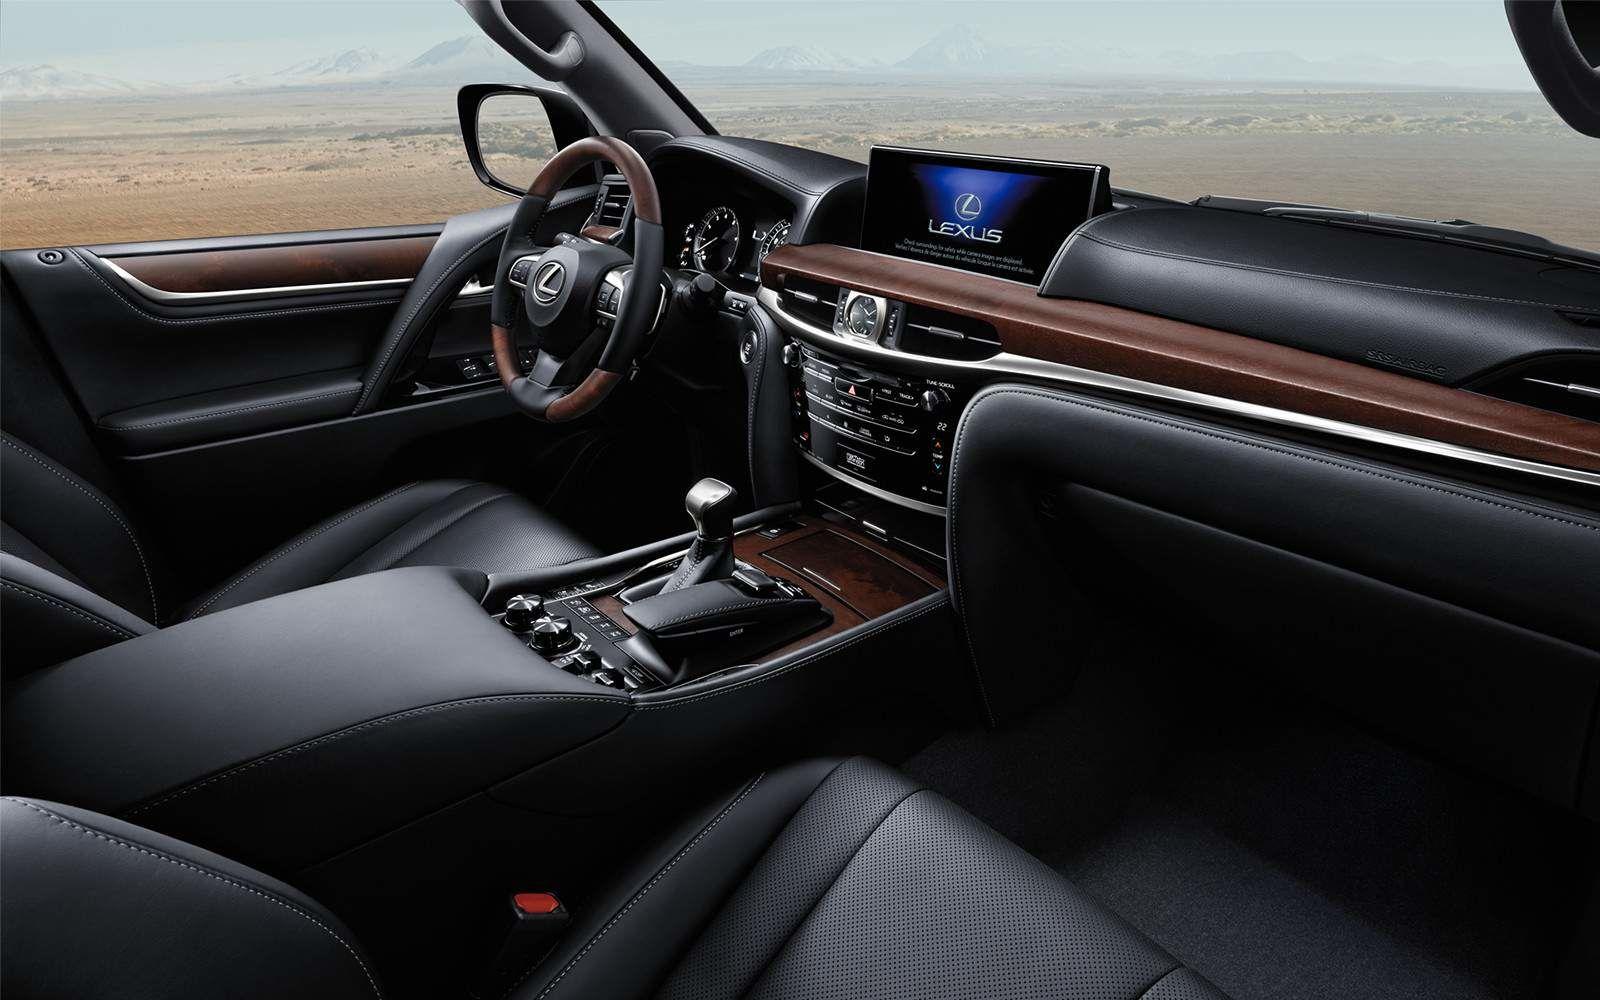 Lexus 2020 Lx 570 Interior Black Leather L